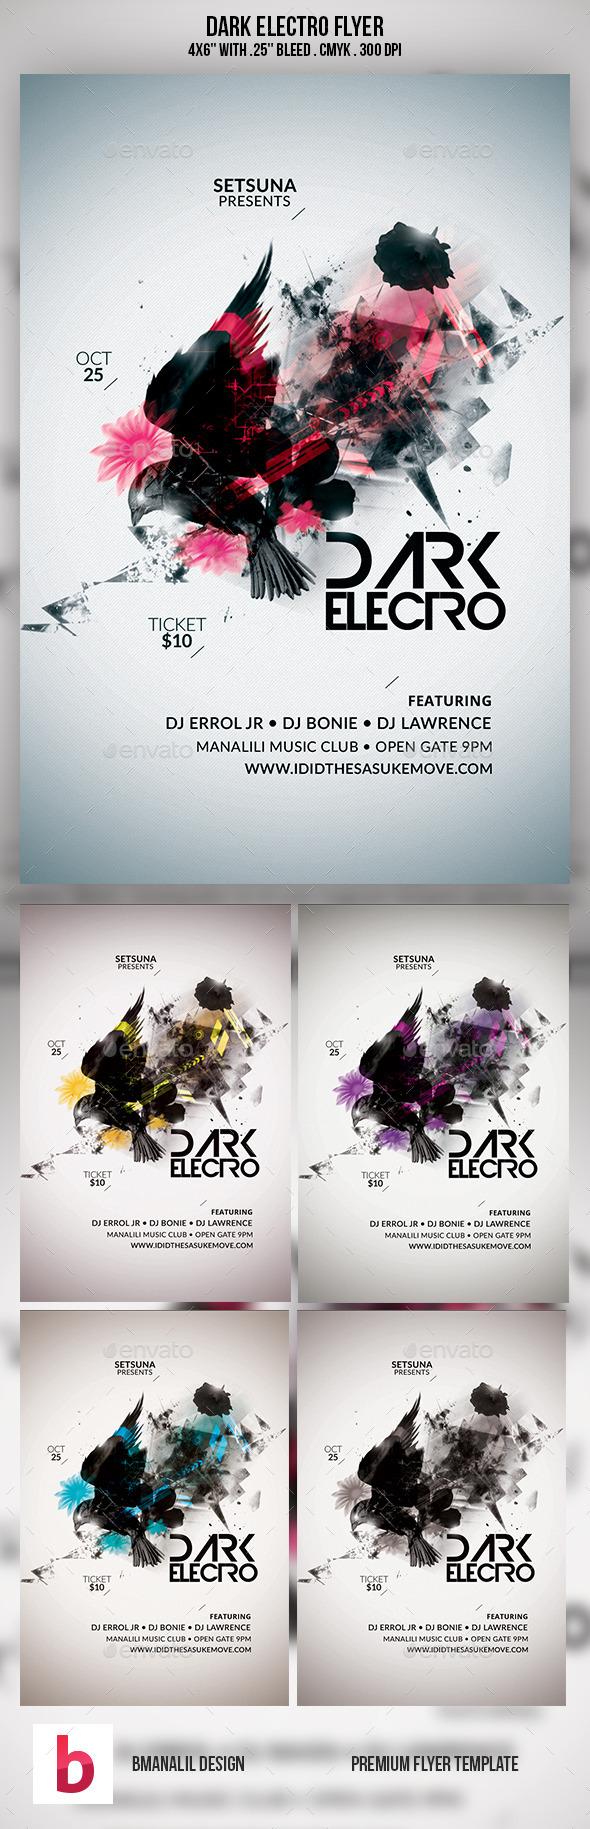 GraphicRiver Dark Electro Flyer 9254638